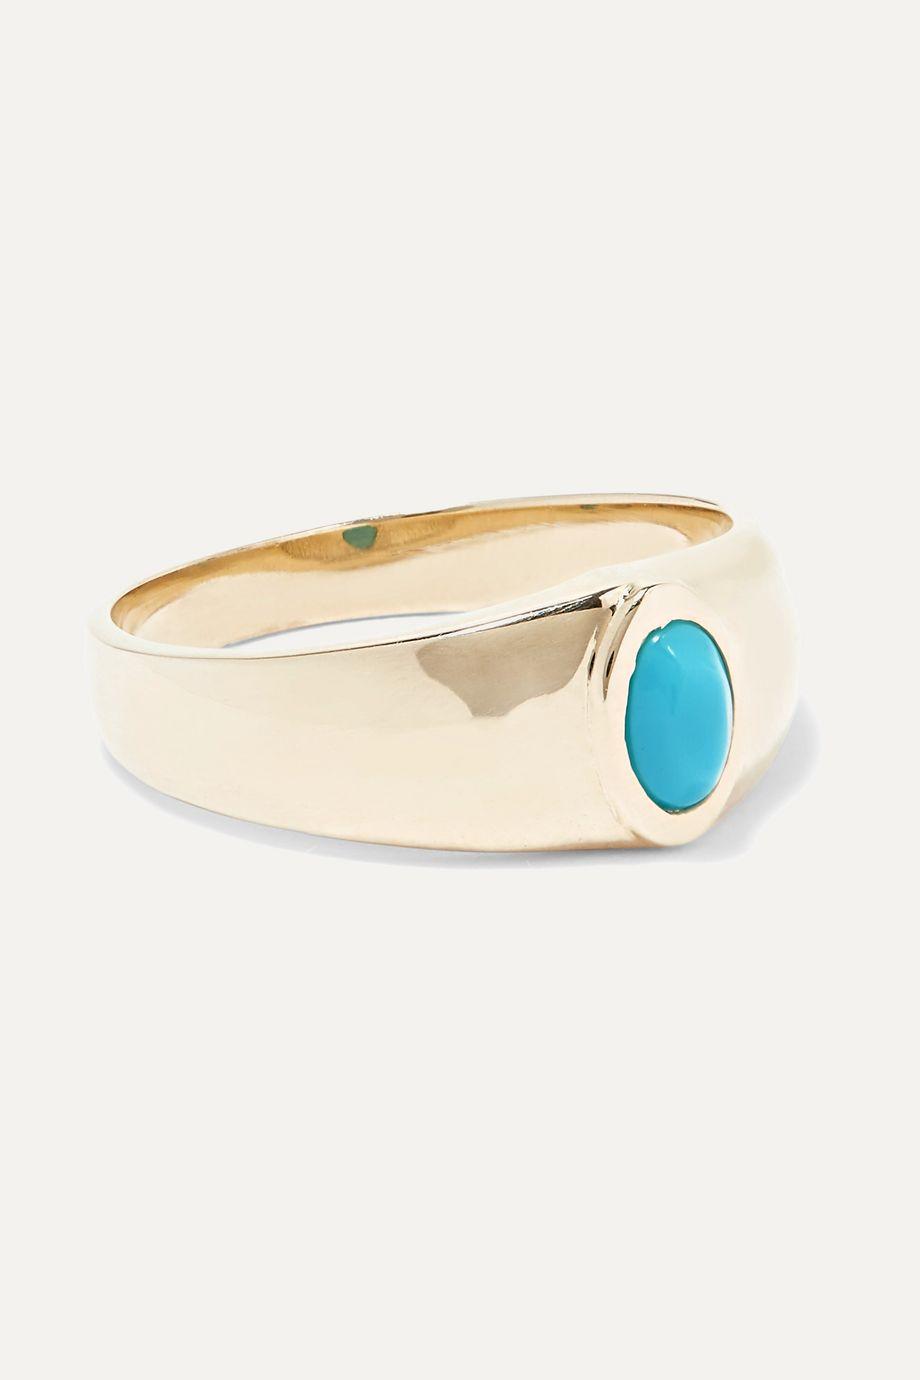 Loren Stewart Gold turquoise signet ring